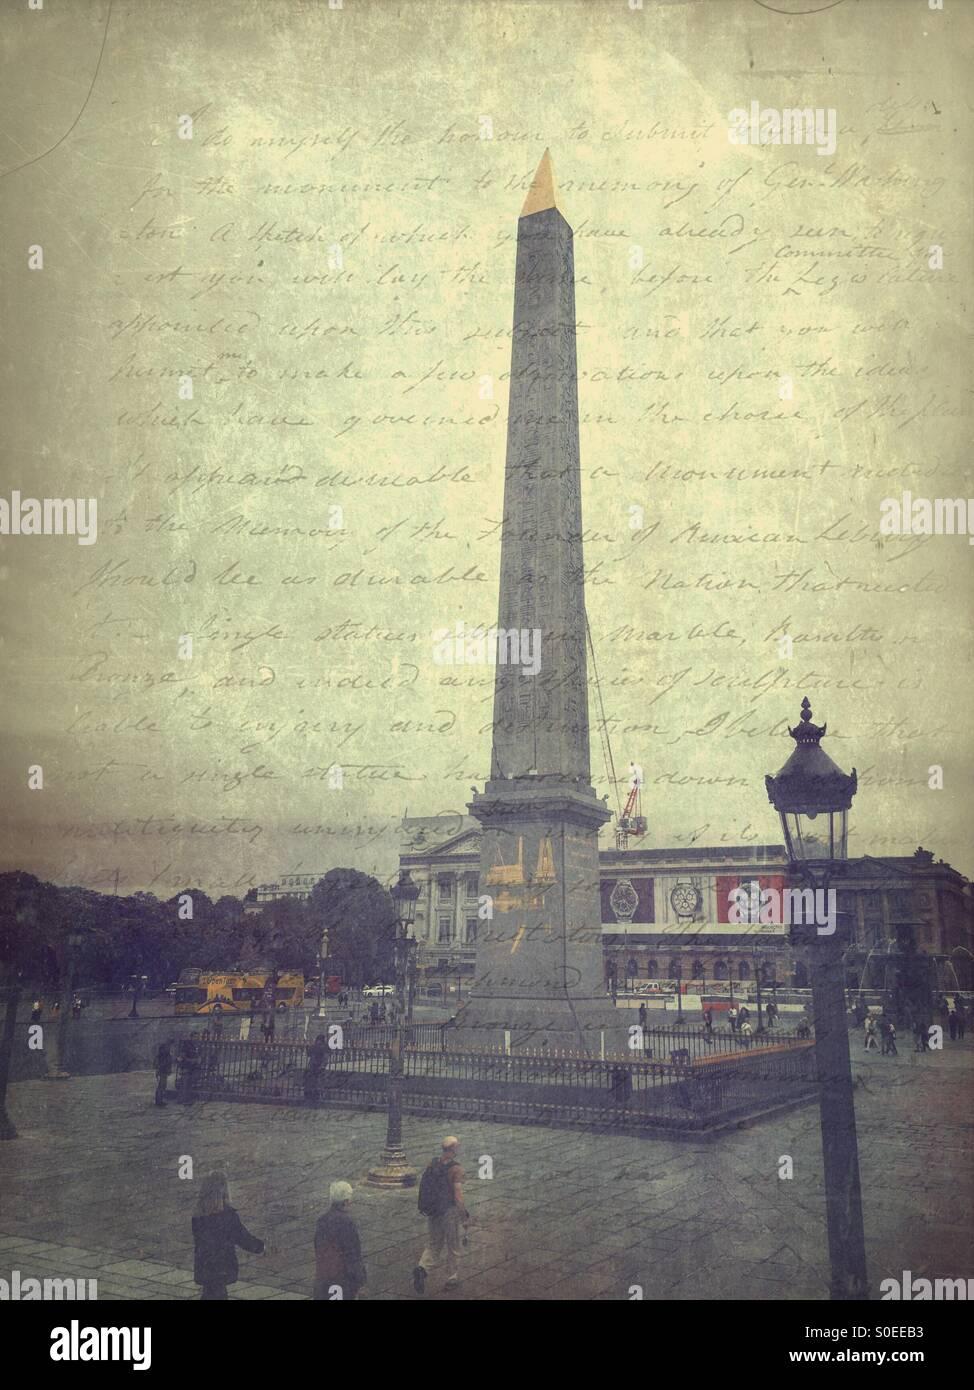 Obelisk at Place de la Concorde, a public square in Paris, France. French capital's eighth arrondissement.  Vintage Stock Photo